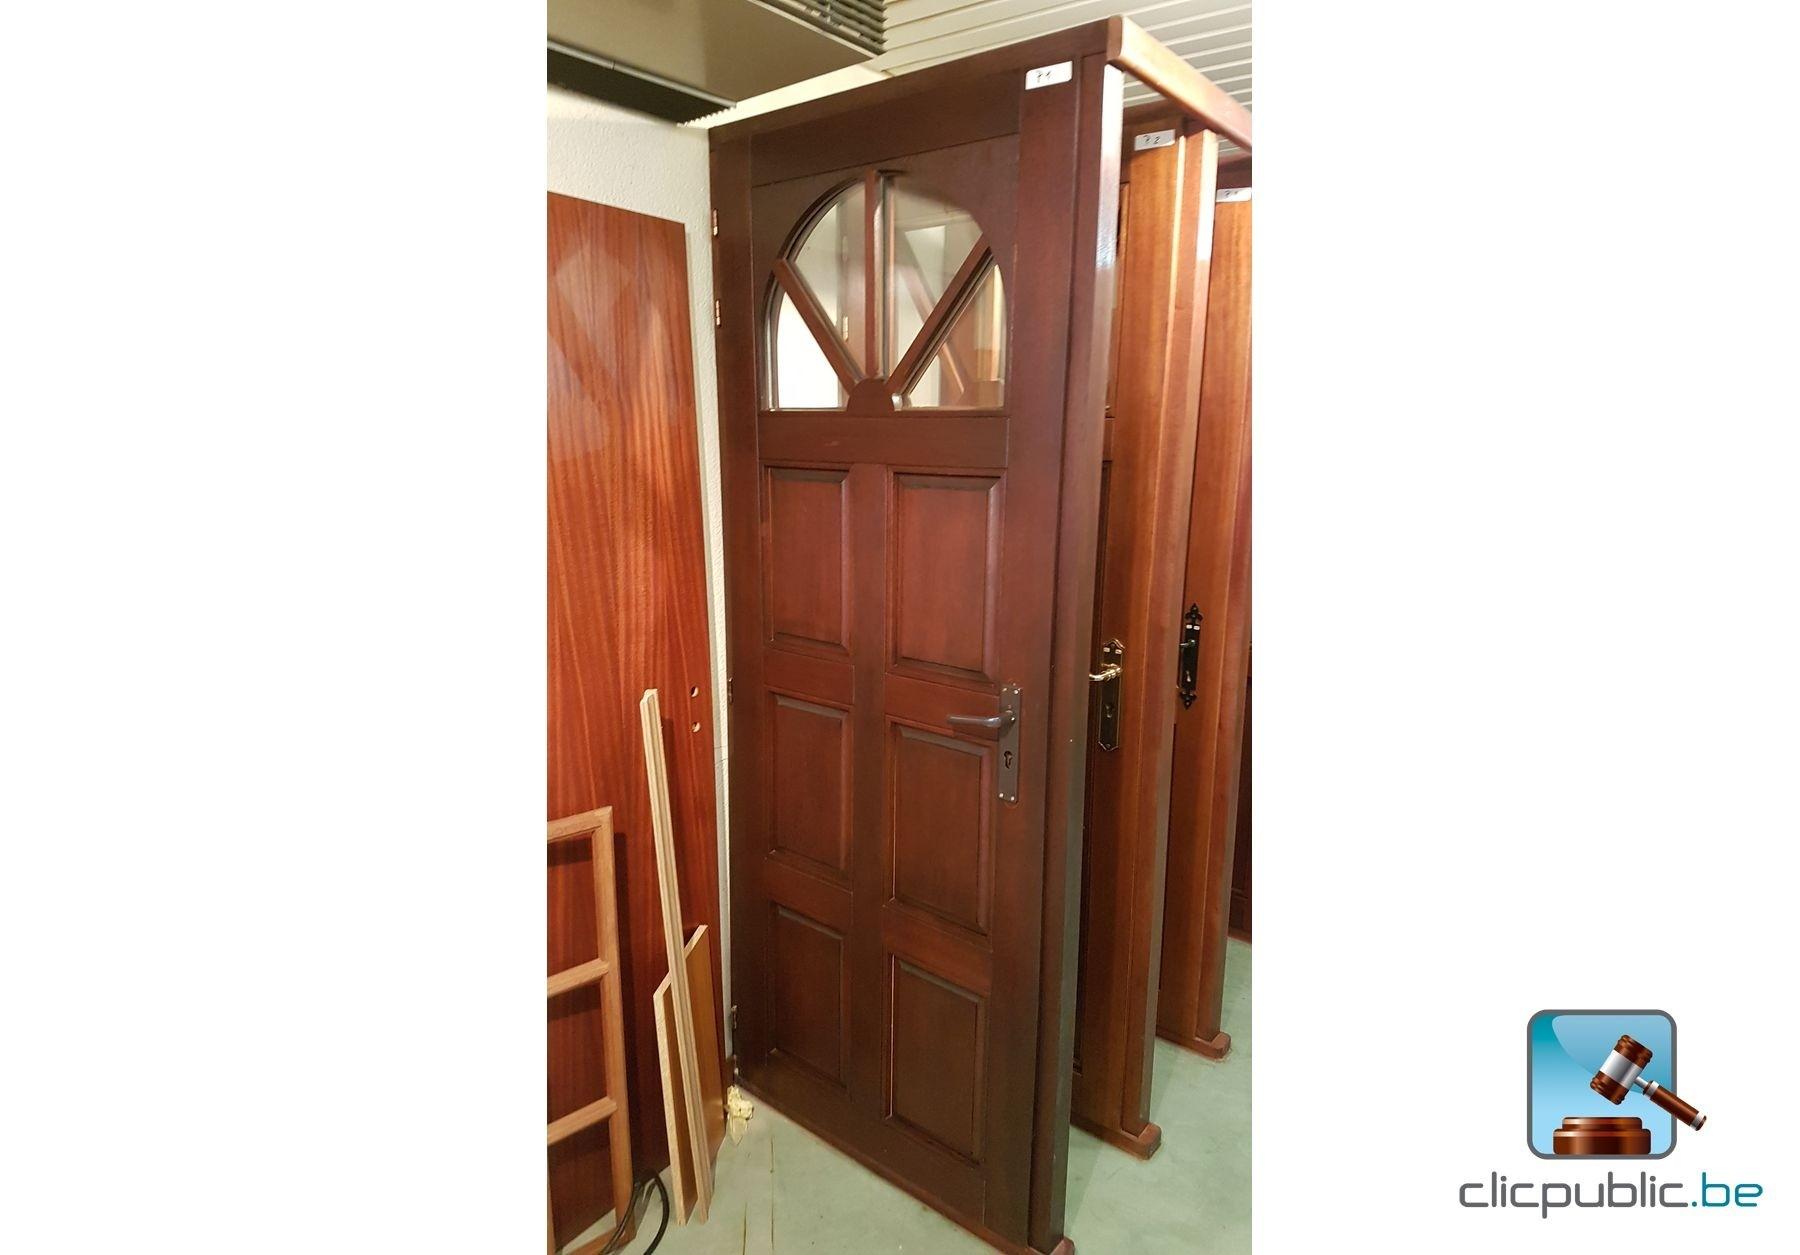 Porte ext rieure en meranti massif ref p1 vendre sur for Porte vitree exterieure occasion